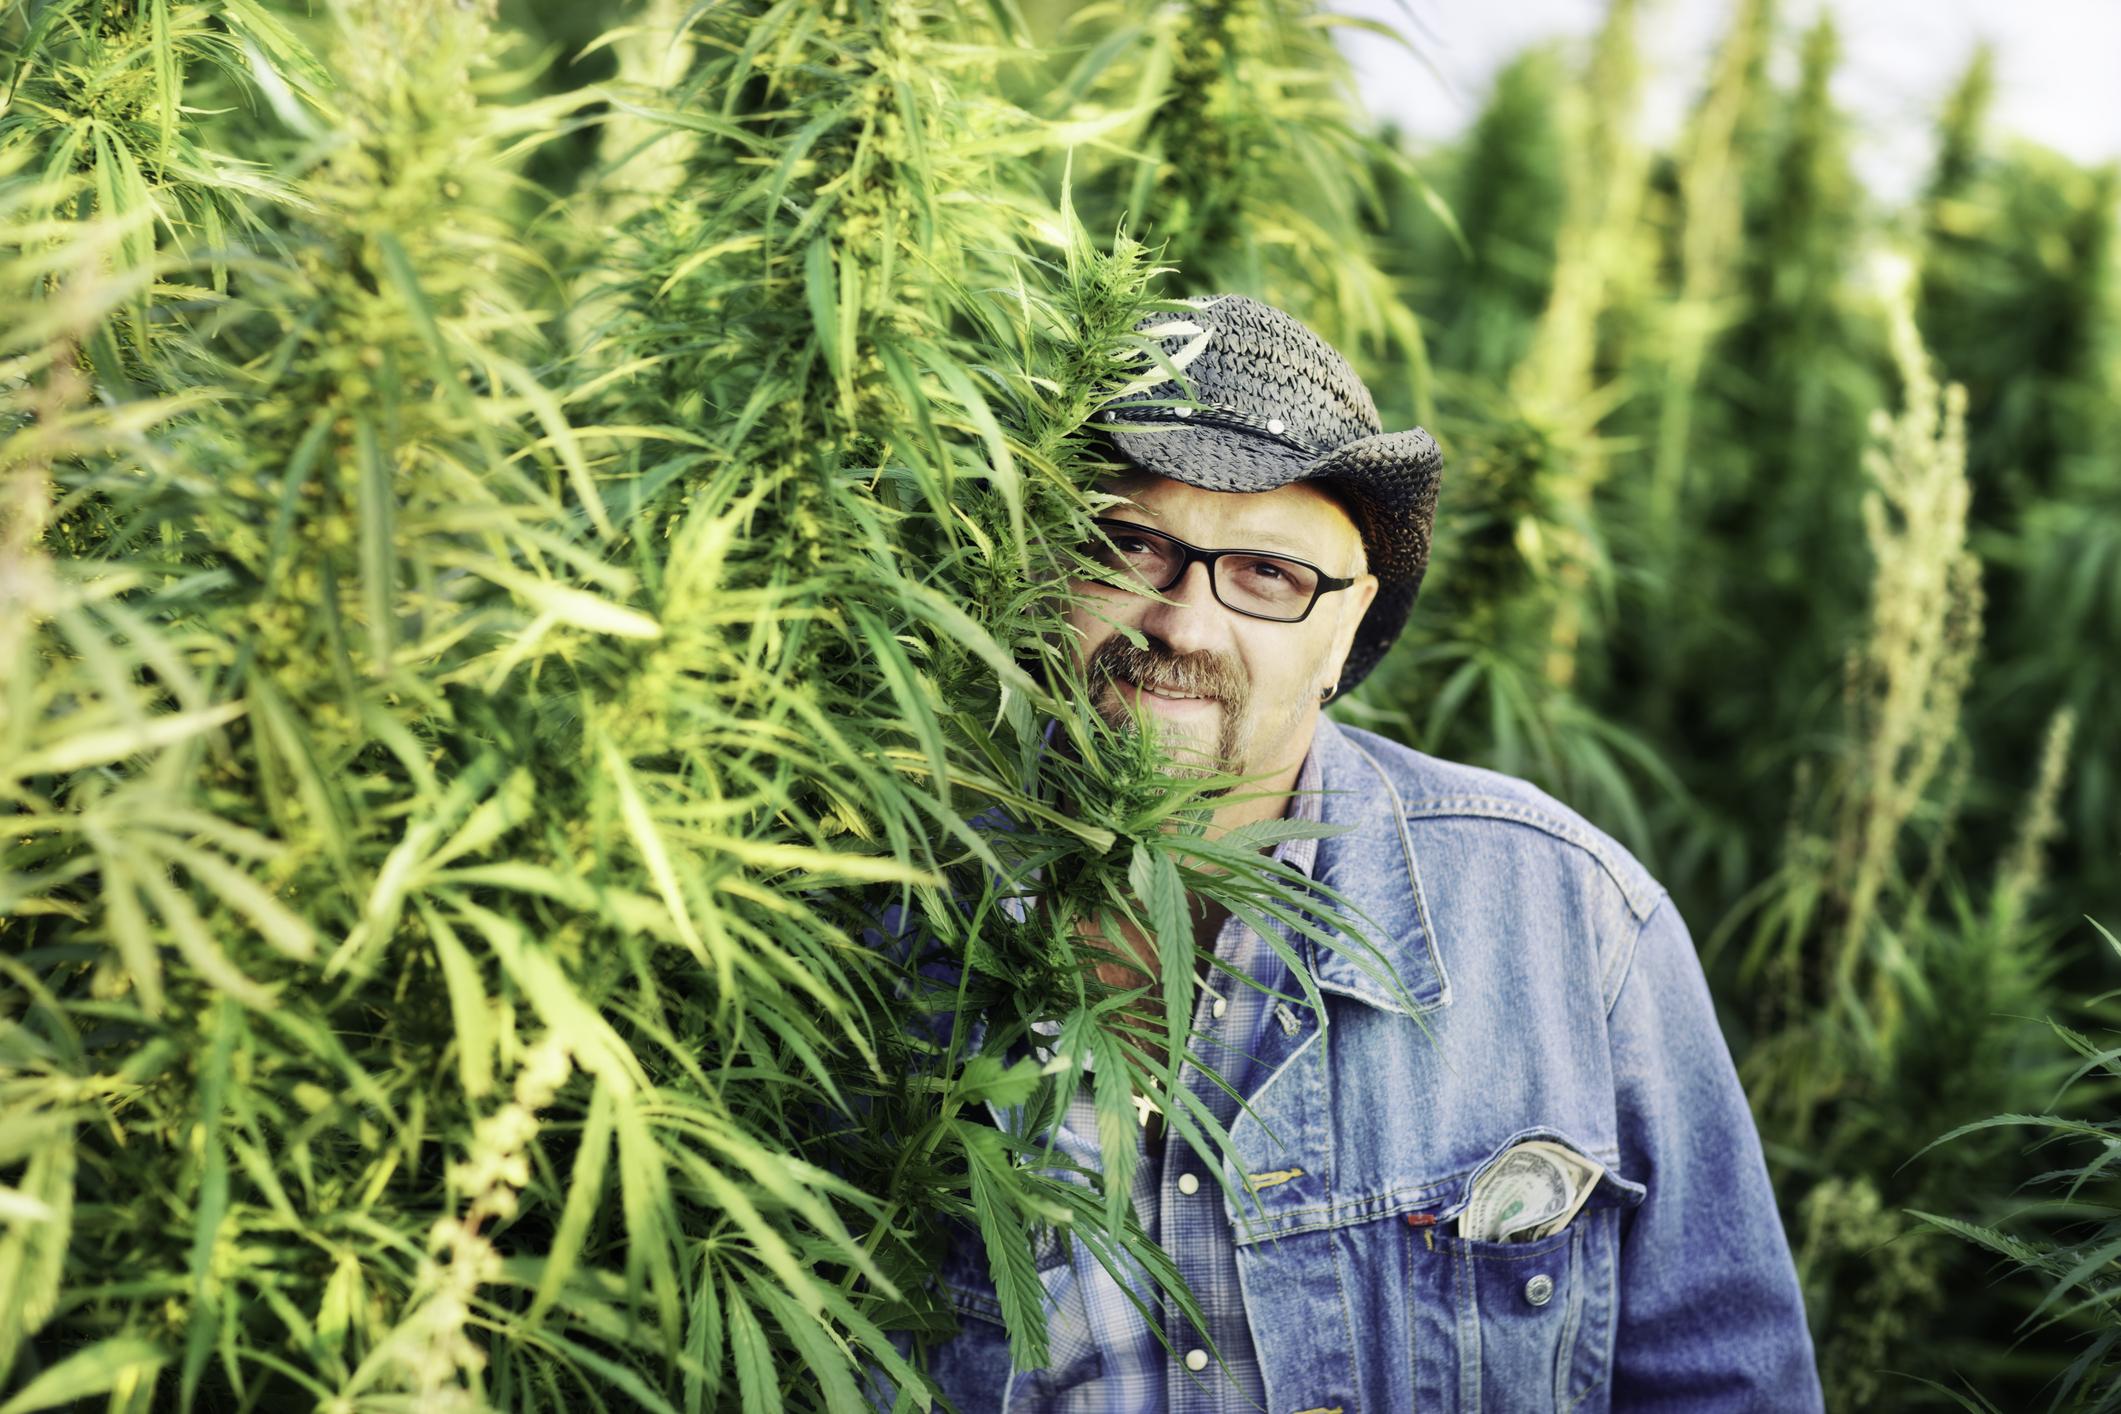 A hemp farmer standing next to his crop